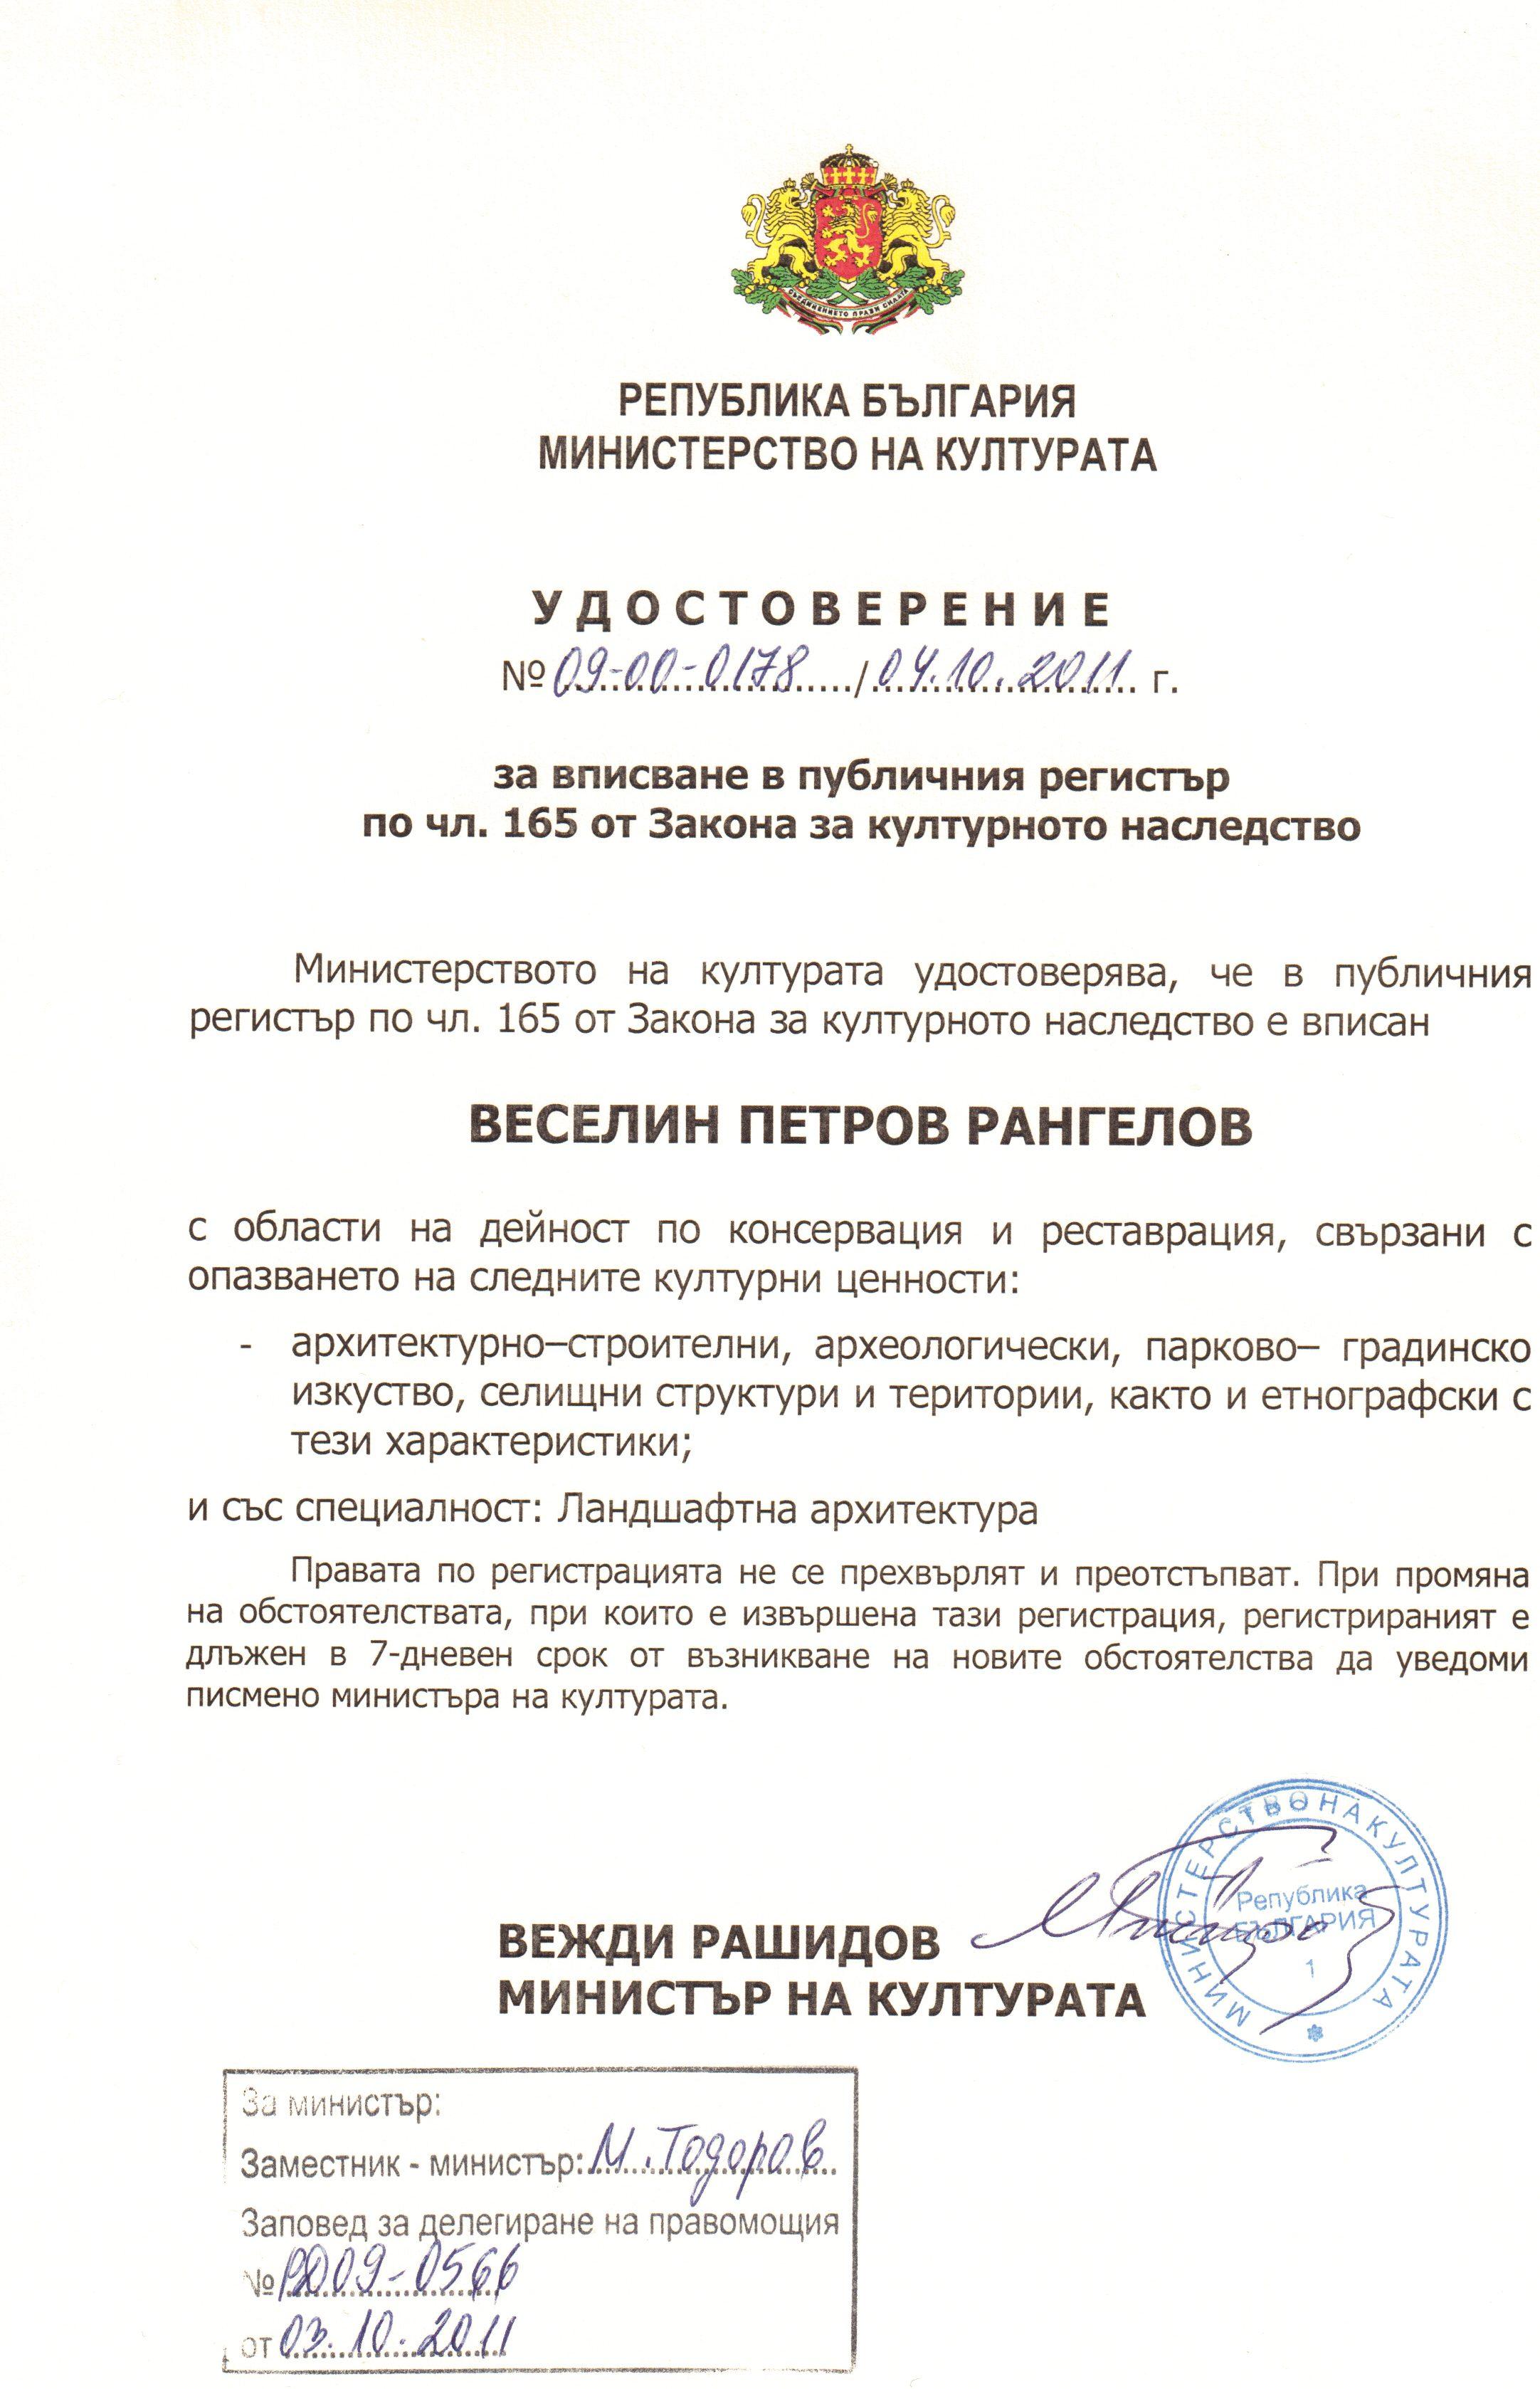 удостоверение от Министерство на Културата